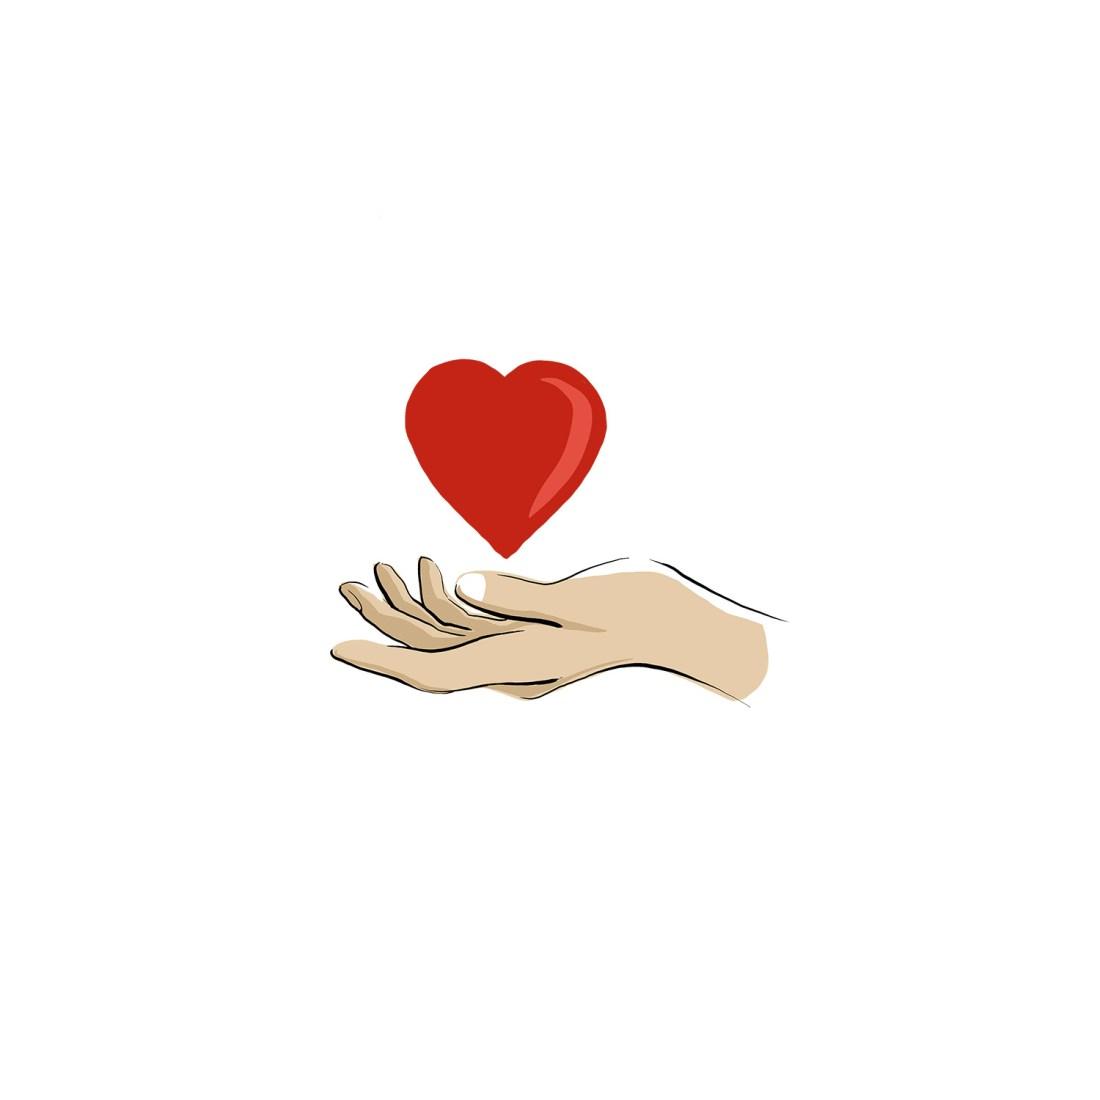 Vertrauen Herz inneren werte